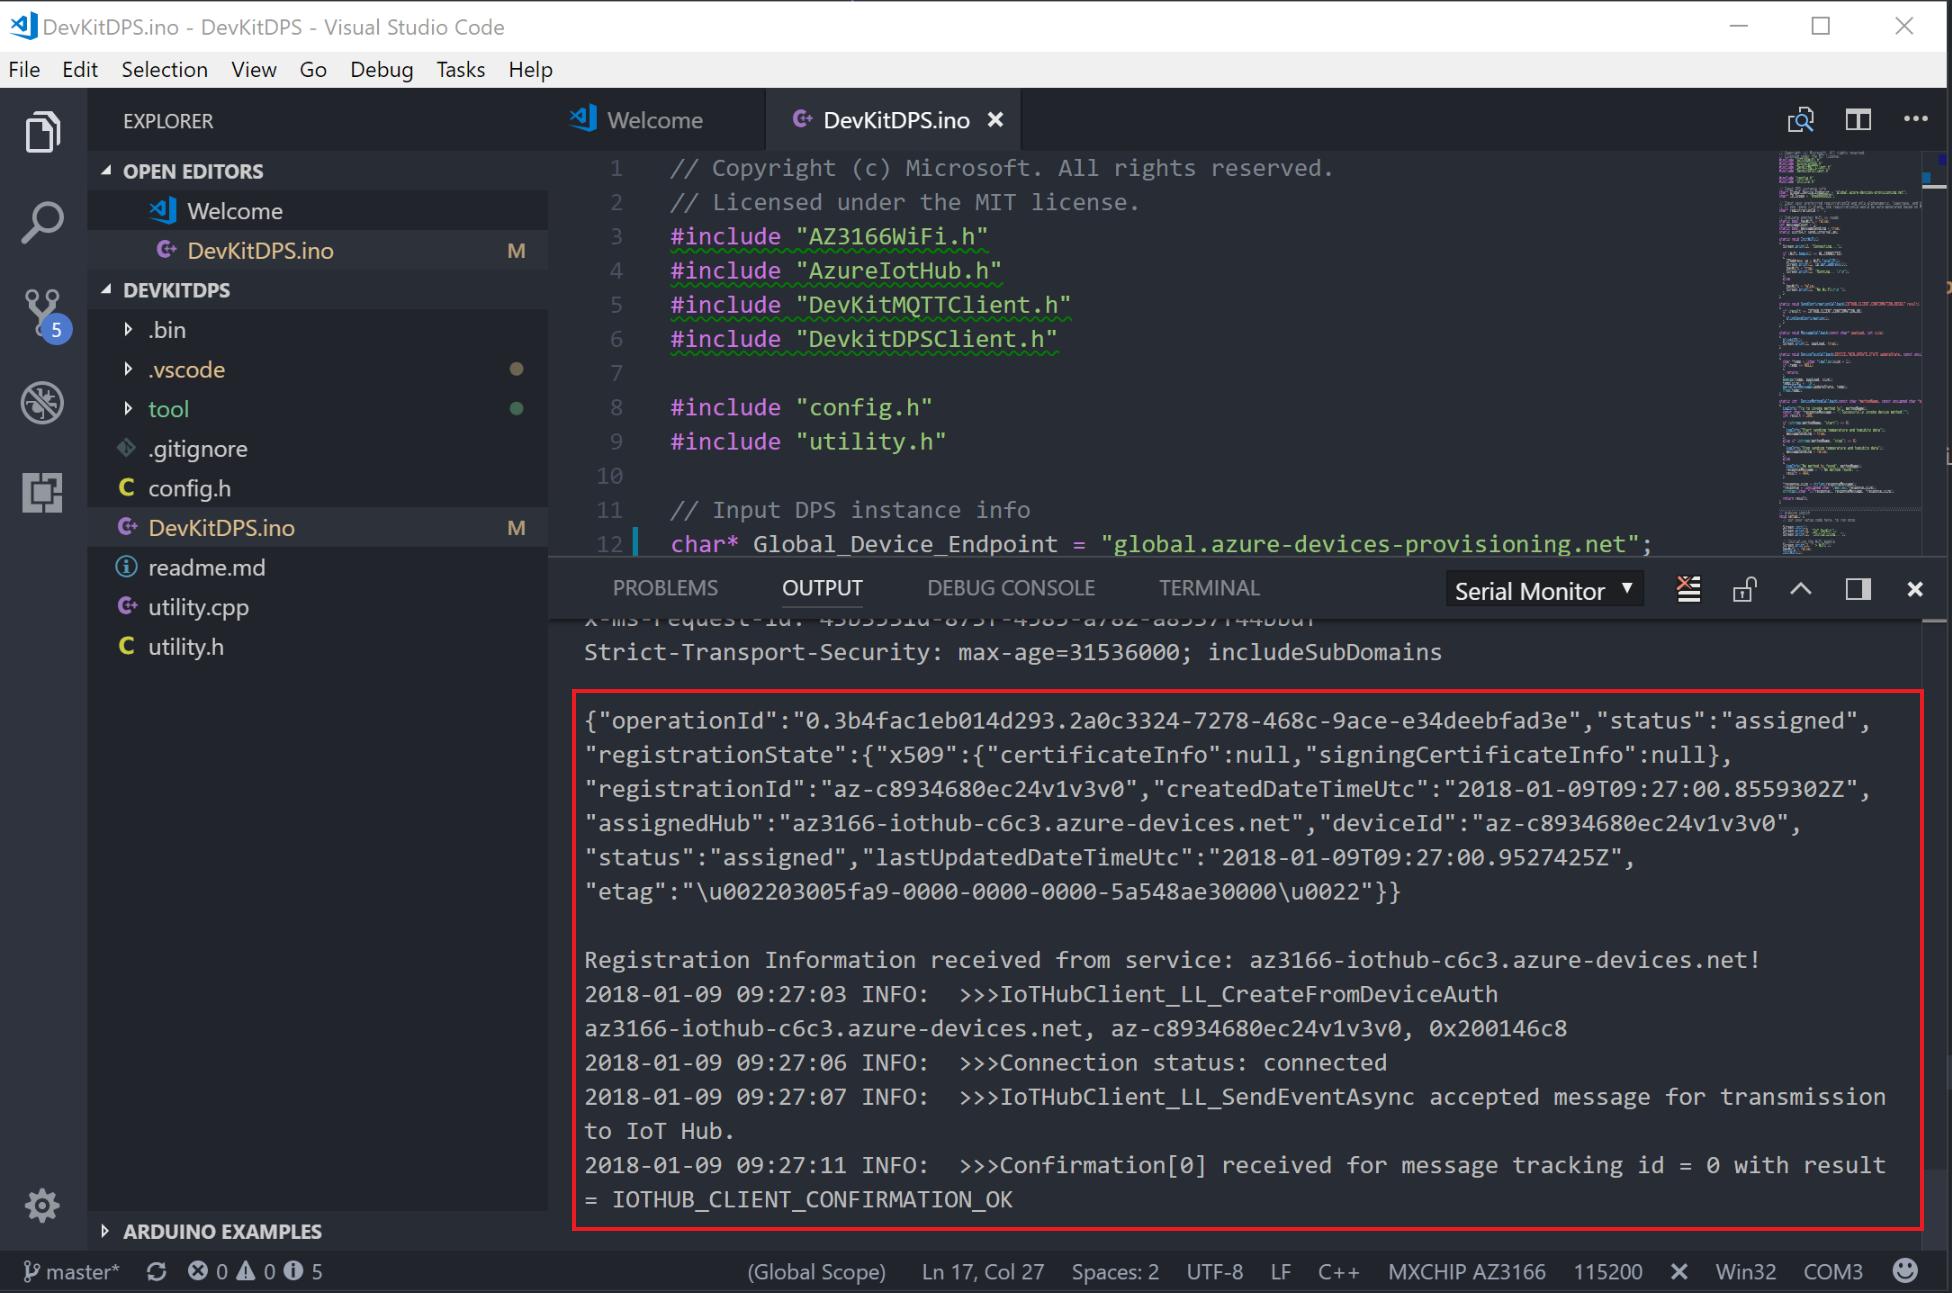 VS Code output